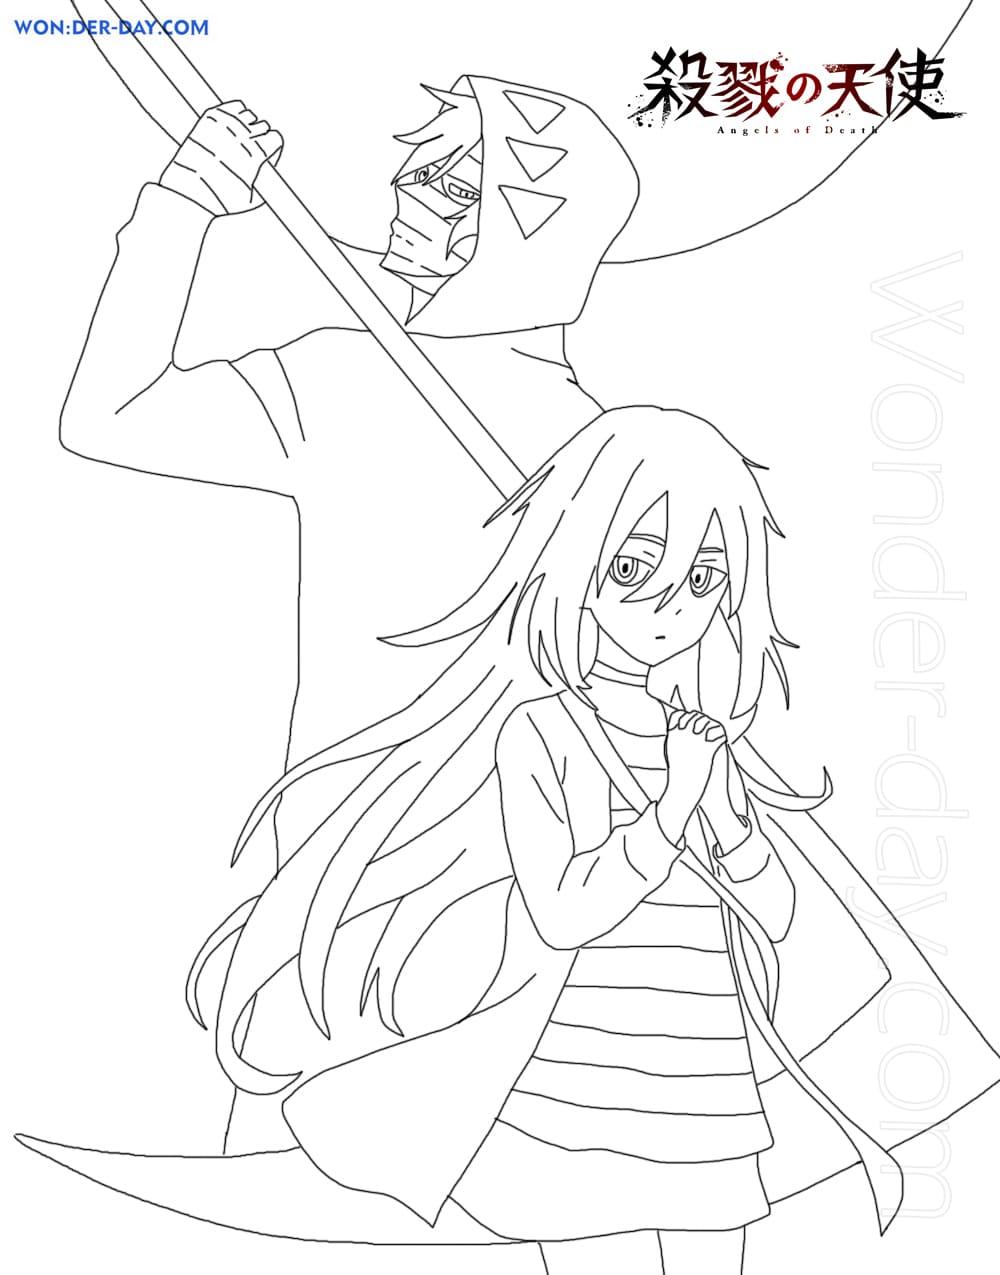 Ausmalbilder Satsuriku no Tenshi - Wonder-day.com